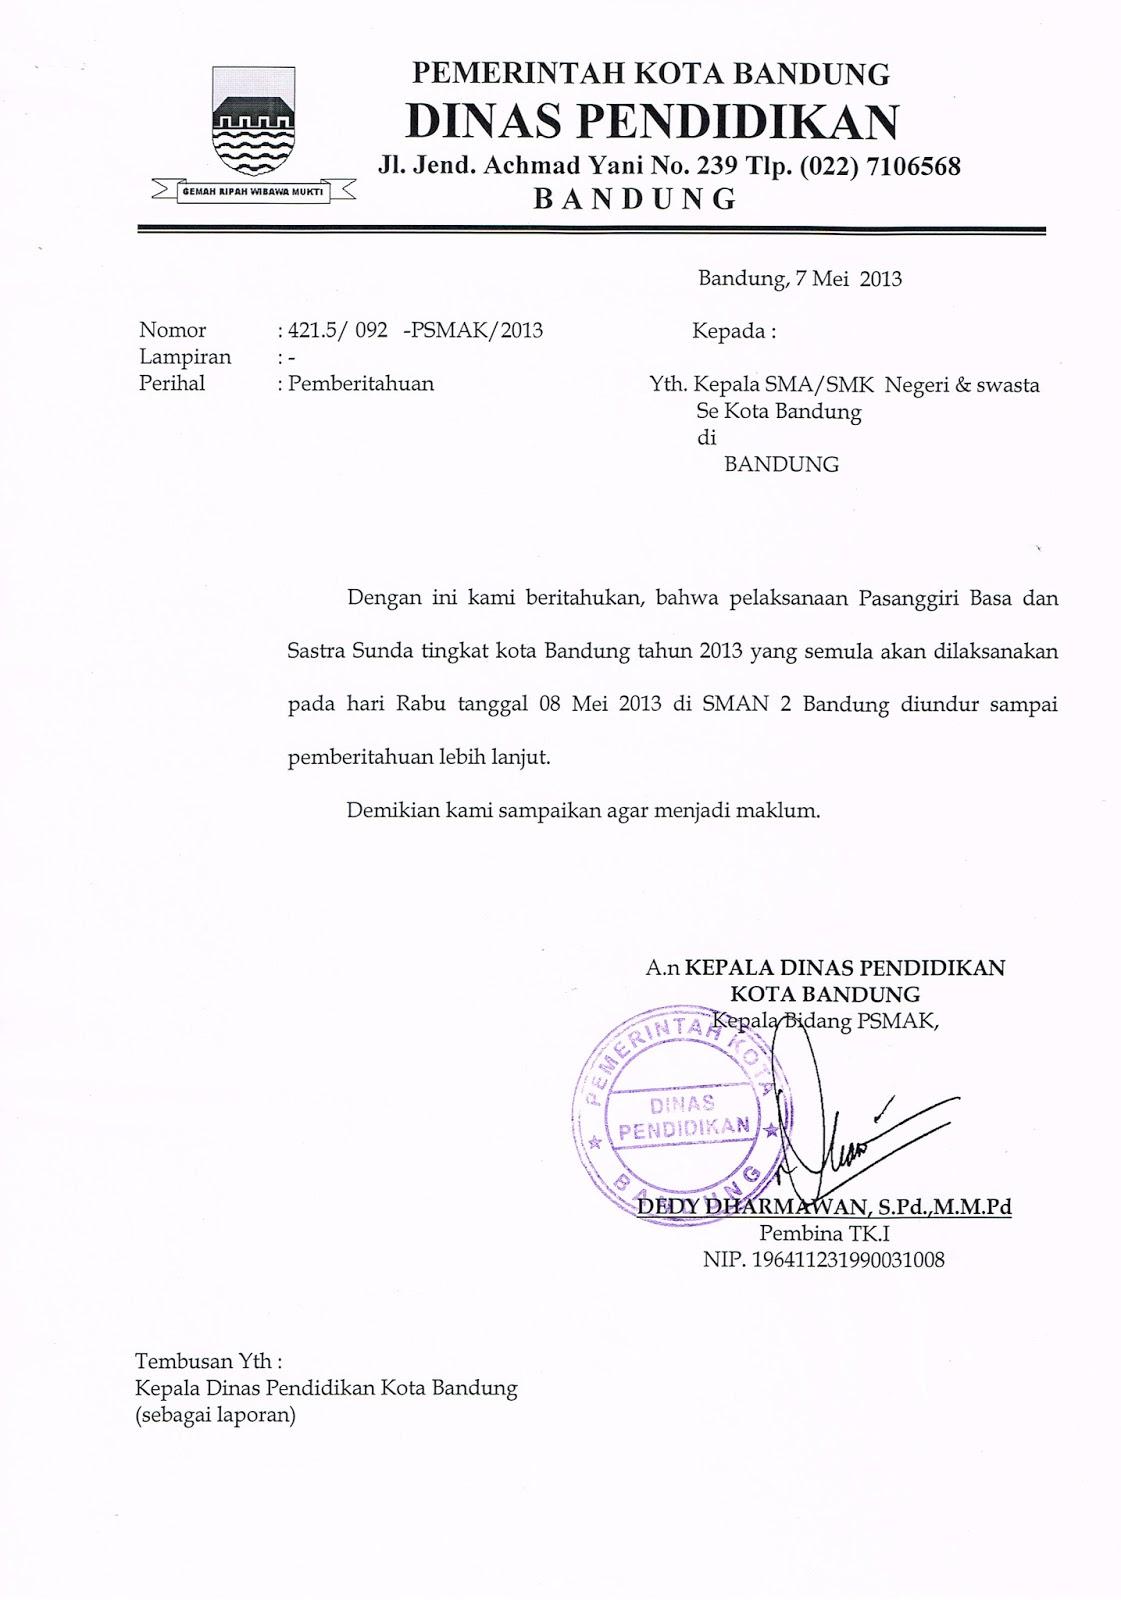 Contoh Surat Tagihan Dalam Bahasa Sunda Free Download Images